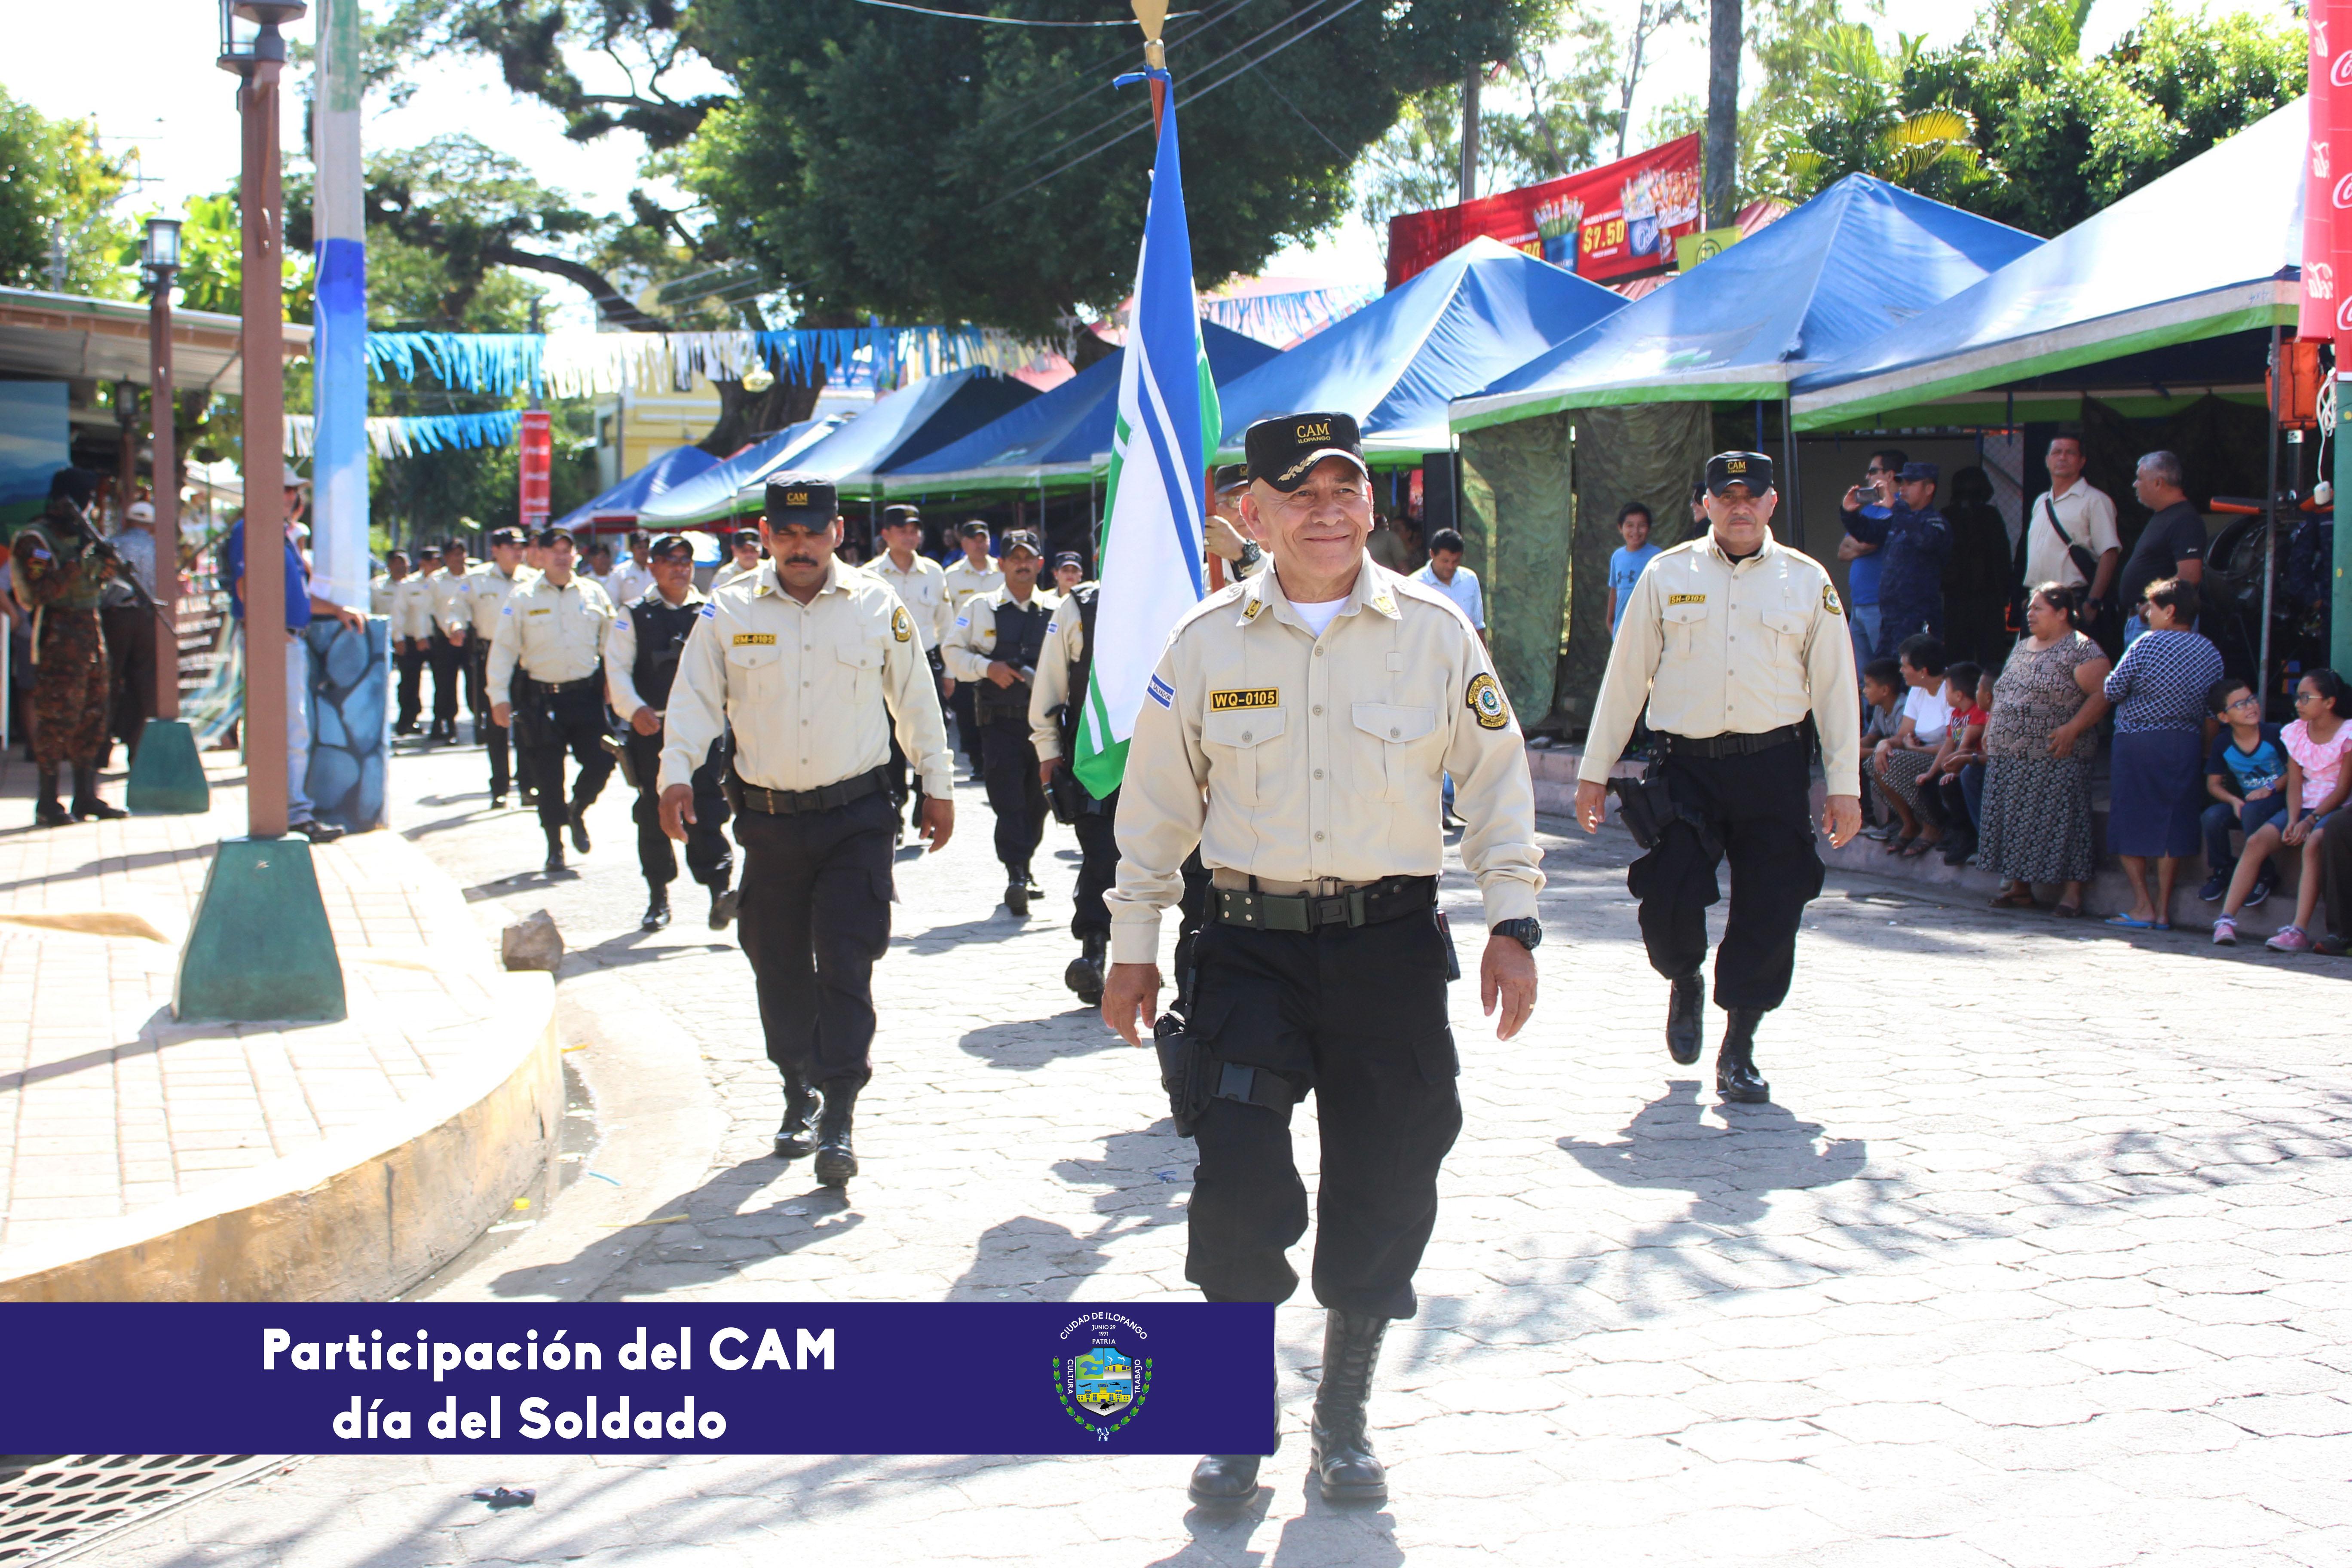 Participacion-del-CAM-en-el-desfile-del-soldado